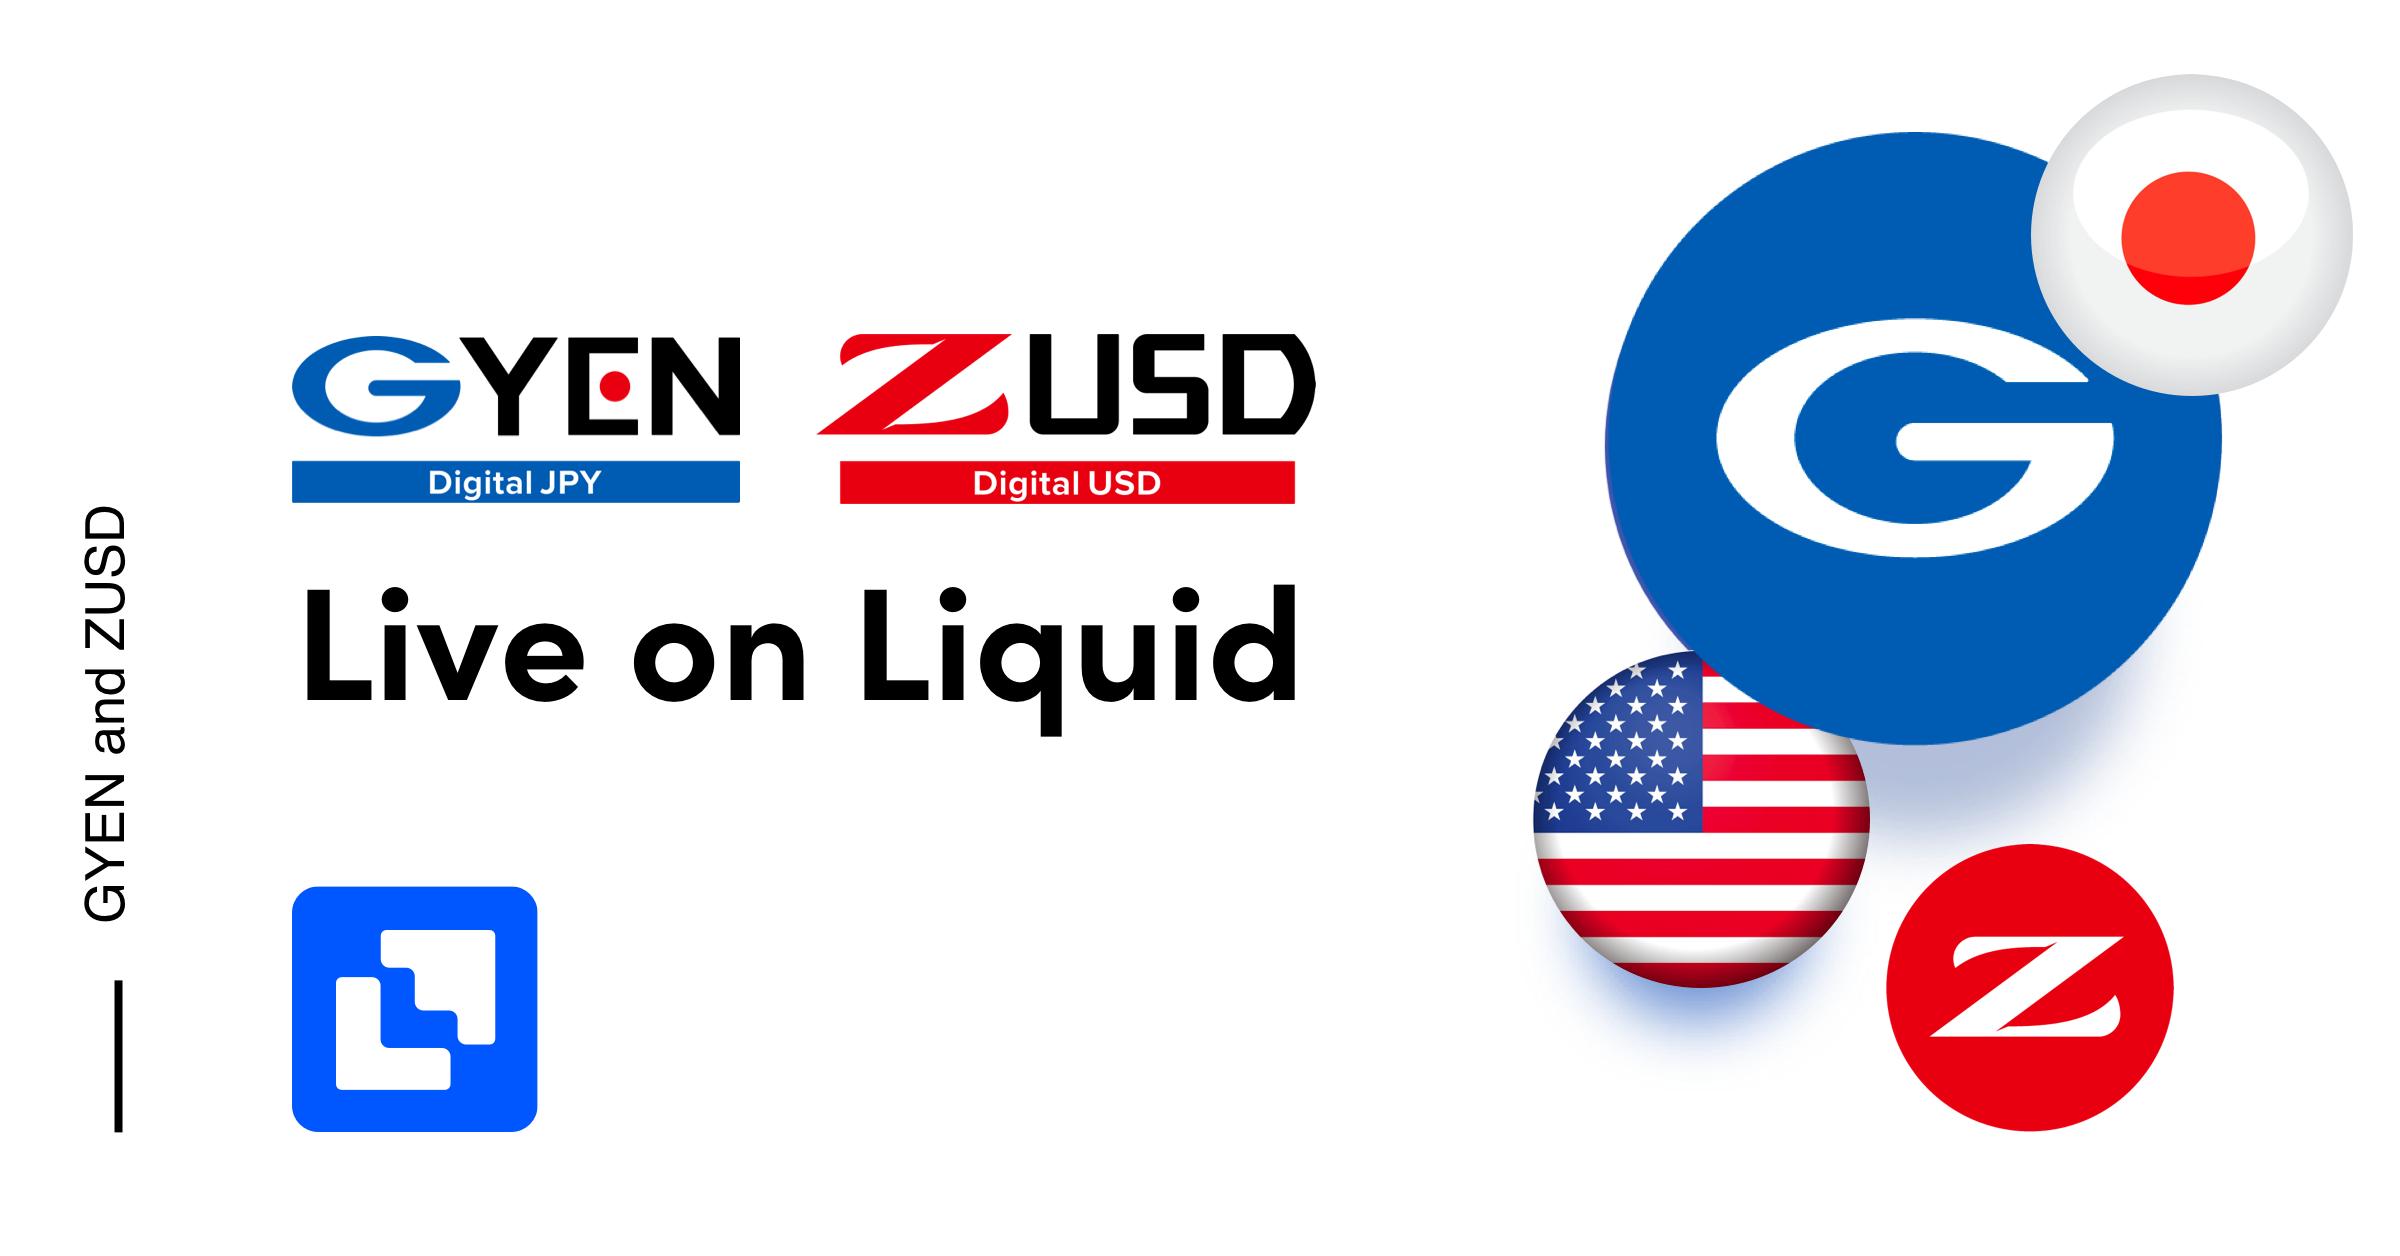 GYEN stablecoin live on Liquid